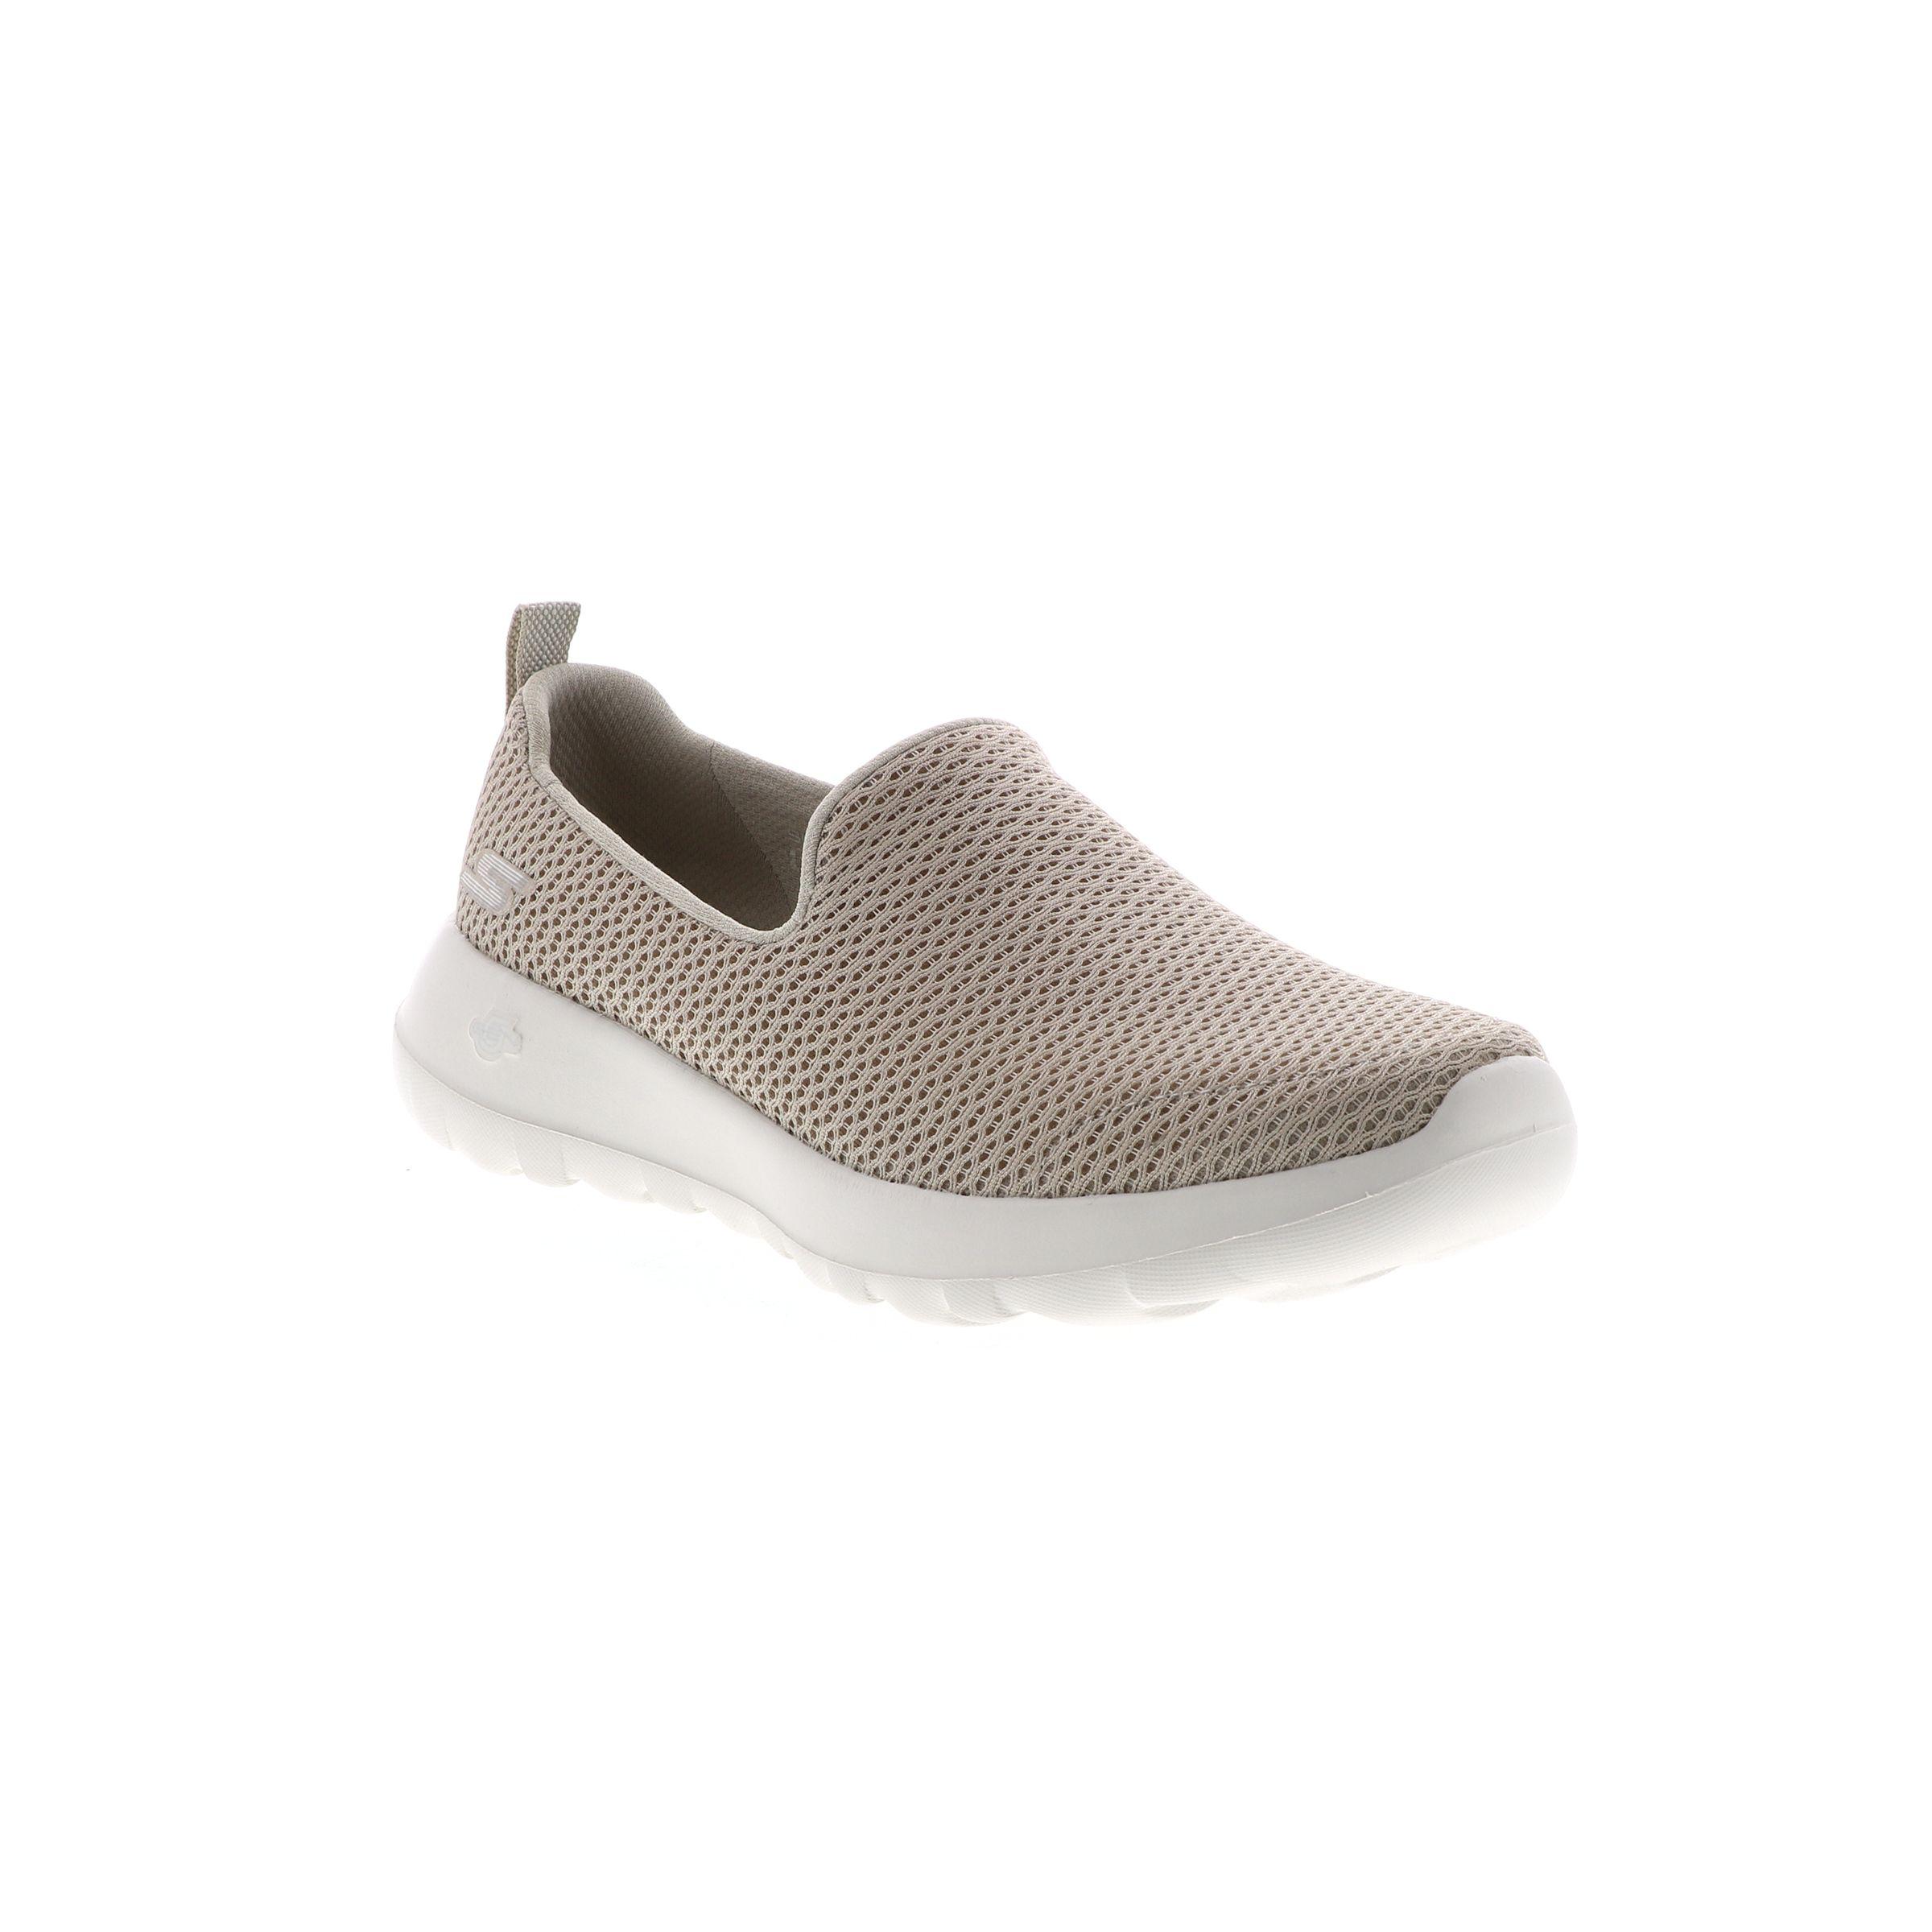 skechers walking shoes 15600ew tpe_19166537035 QAOJXFU